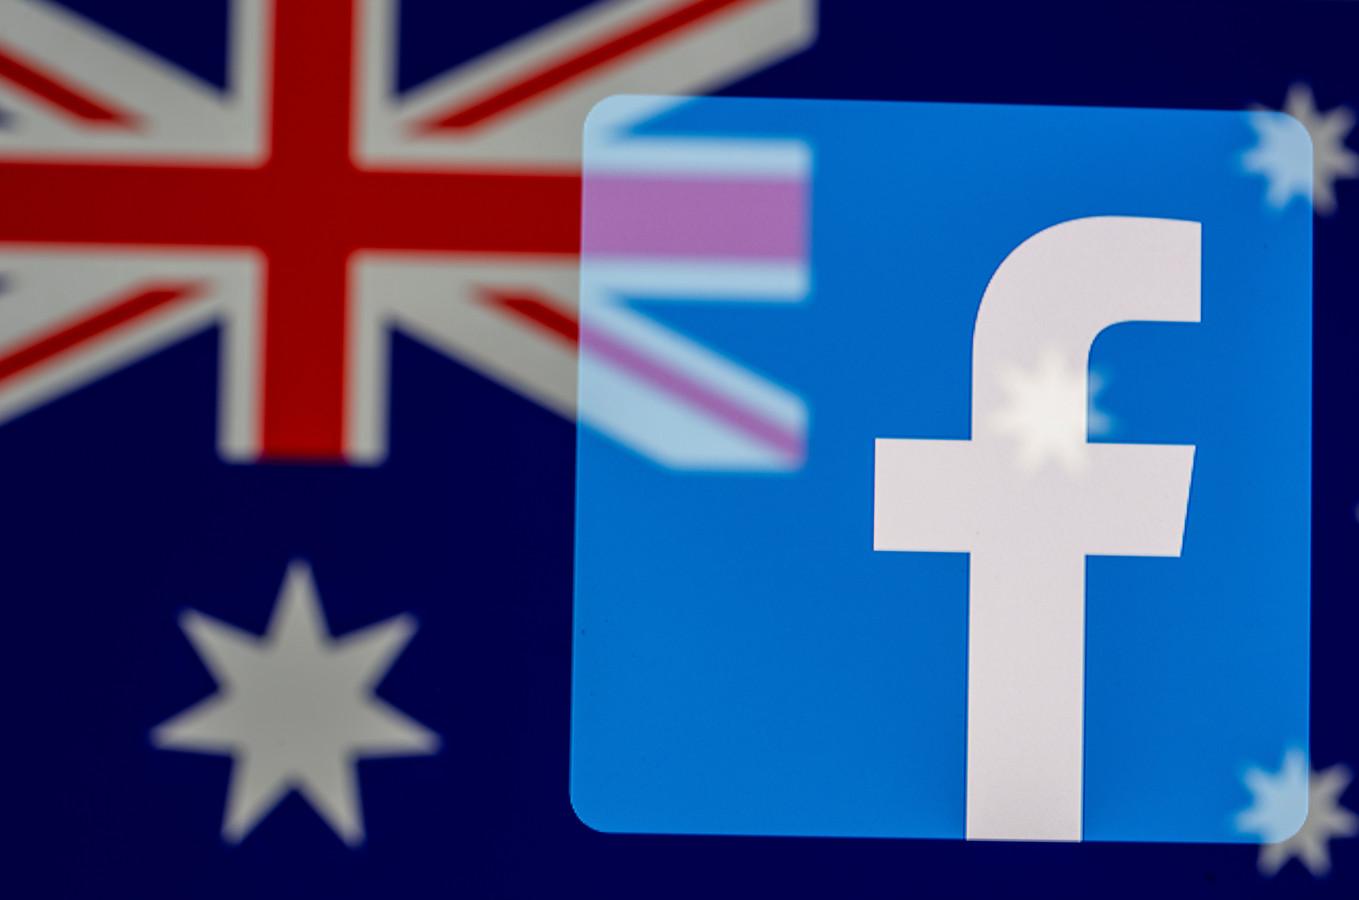 Het Facebook-logo met de Australische vlag op de achtergrond. Het socialmediaplatform heeft in het land de doorgifte van nieuws geblokkeerd.